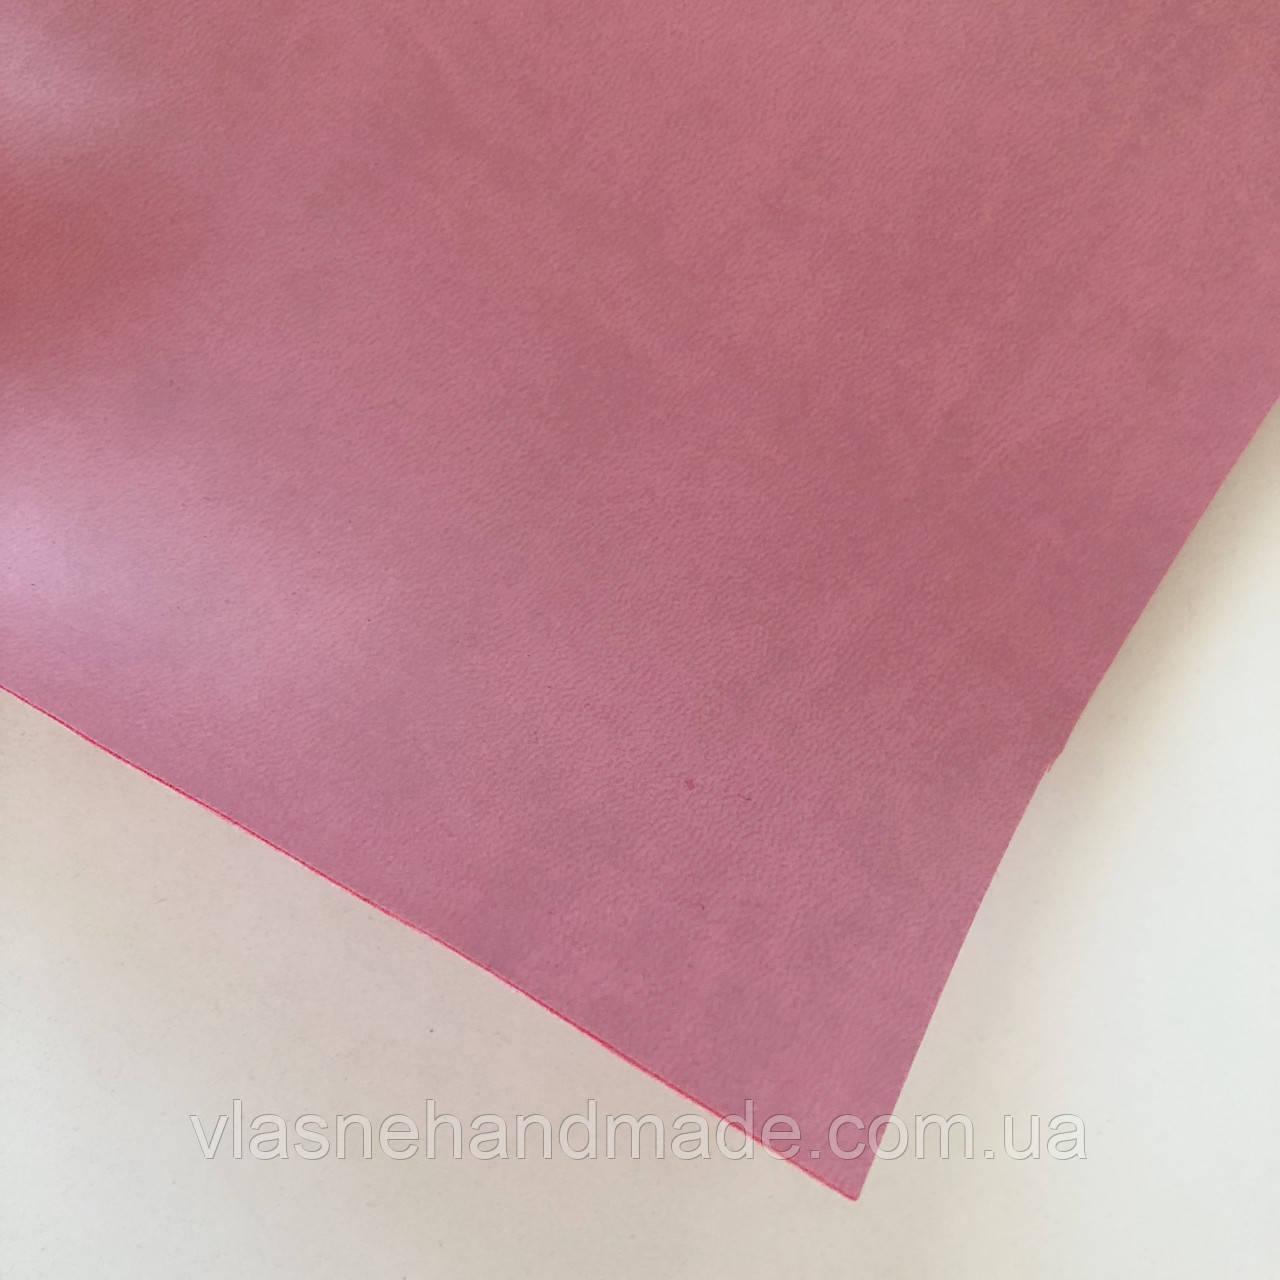 НЕФОРМАТ АБО НЕВЕЛИКИЙ БРАК!! Шкірзамінник палітурний - матовий - блідо-рожевий - виробник Італія - 24х140 см